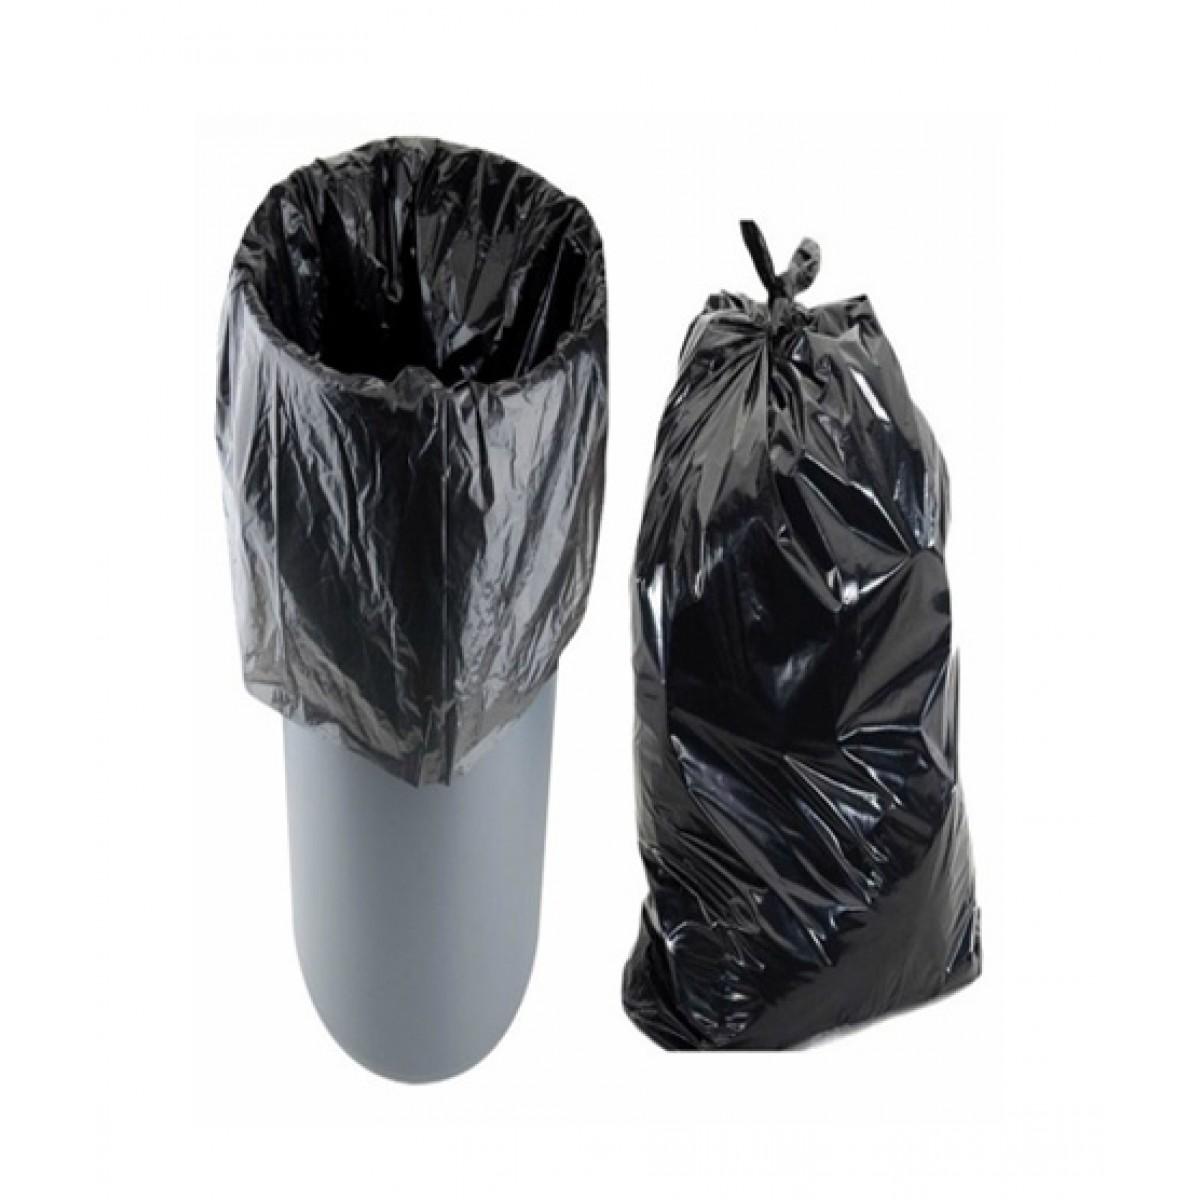 Fastrade Garbage Bags 18x24 Black